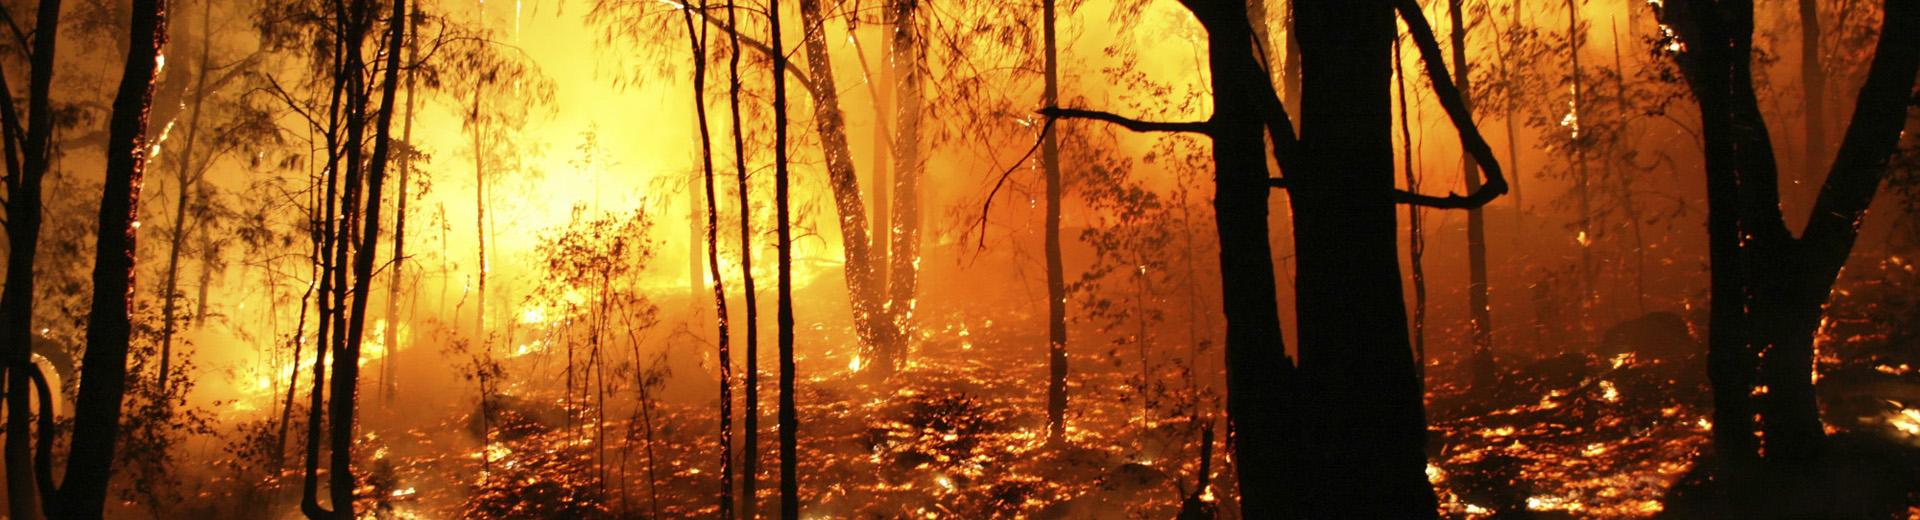 Equipamiento profesional contra incendios forestales